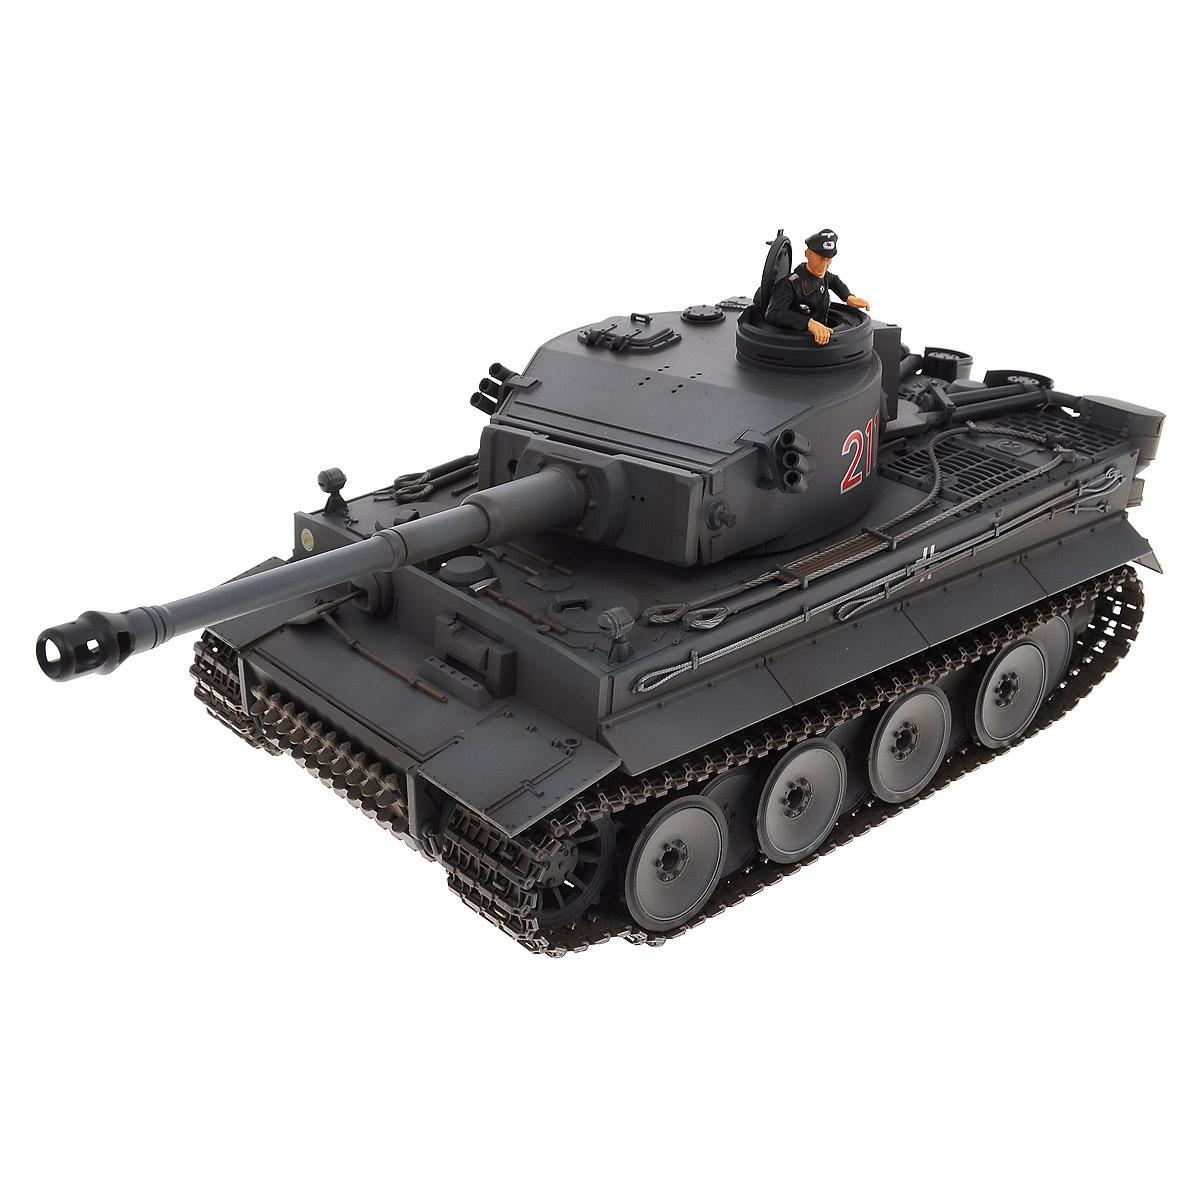 """Радиоуправляемый танк VSP """"German Tiger I"""" - это современная коллекционная модель в масштабе 1/24. Она представляет собой уменьшенную копию легендарного тяжелого танка времен Второй мировой войны, известного как """"Тигр"""". Эта боевая машина была разработана и произведена в 1941-1942 годах фирмой """"Хеншель"""". Пульт управления работает на частоте 2,4 ГГц и оснащен светодиодной подсветкой голубого цвета. Система Airsoft обеспечивает постоянное движение танка и стрельбу из пневматической пушки. Данная модель может стрелять мягкими (пневматическими) BB шариками, поэтому имеет возрастное ограничение от 14 лет. Благодаря работе на частоте 2,4 ГГц танк будет легко сопрягаться с пультом управления. Новые электронные схемы, примененные в этом пульте, позволяют принимать участие в игровых сражениях одновременно 16 танкам. Радиус управления заметно увеличился и составляет 40-50 метров на улице и 25-30 метров внутри помещений. Для пульта управления..."""